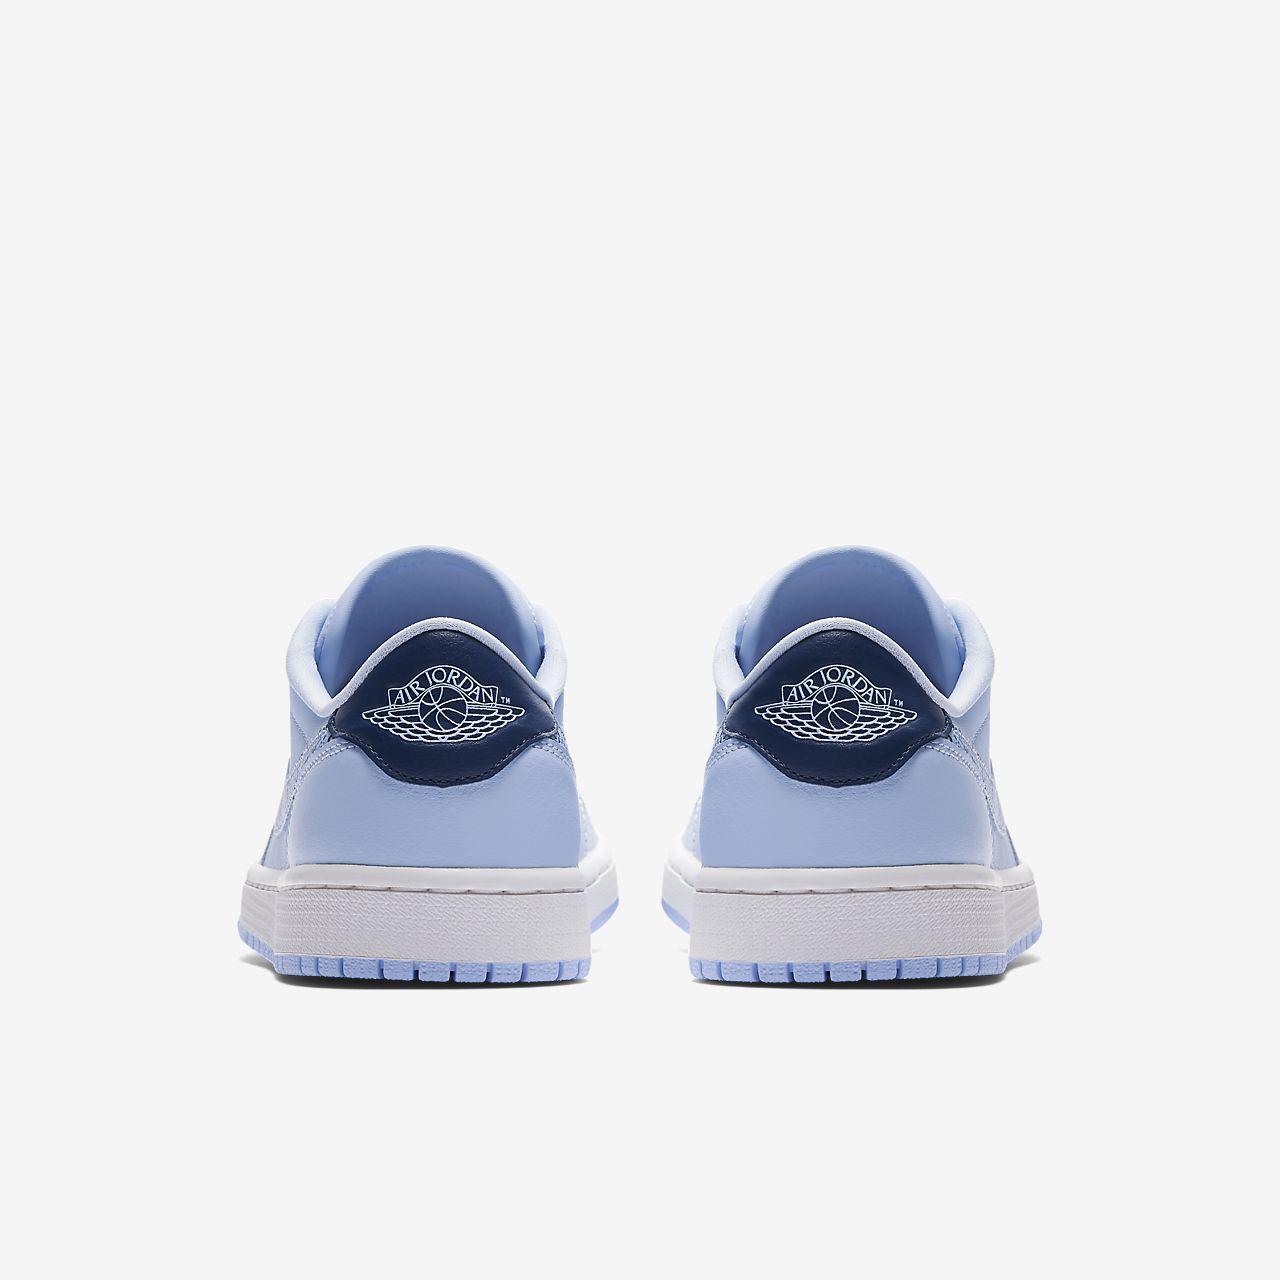 c57e8a26782709 Air Jordan 1 Retro Low OG Women s Shoe. Nike.com AU